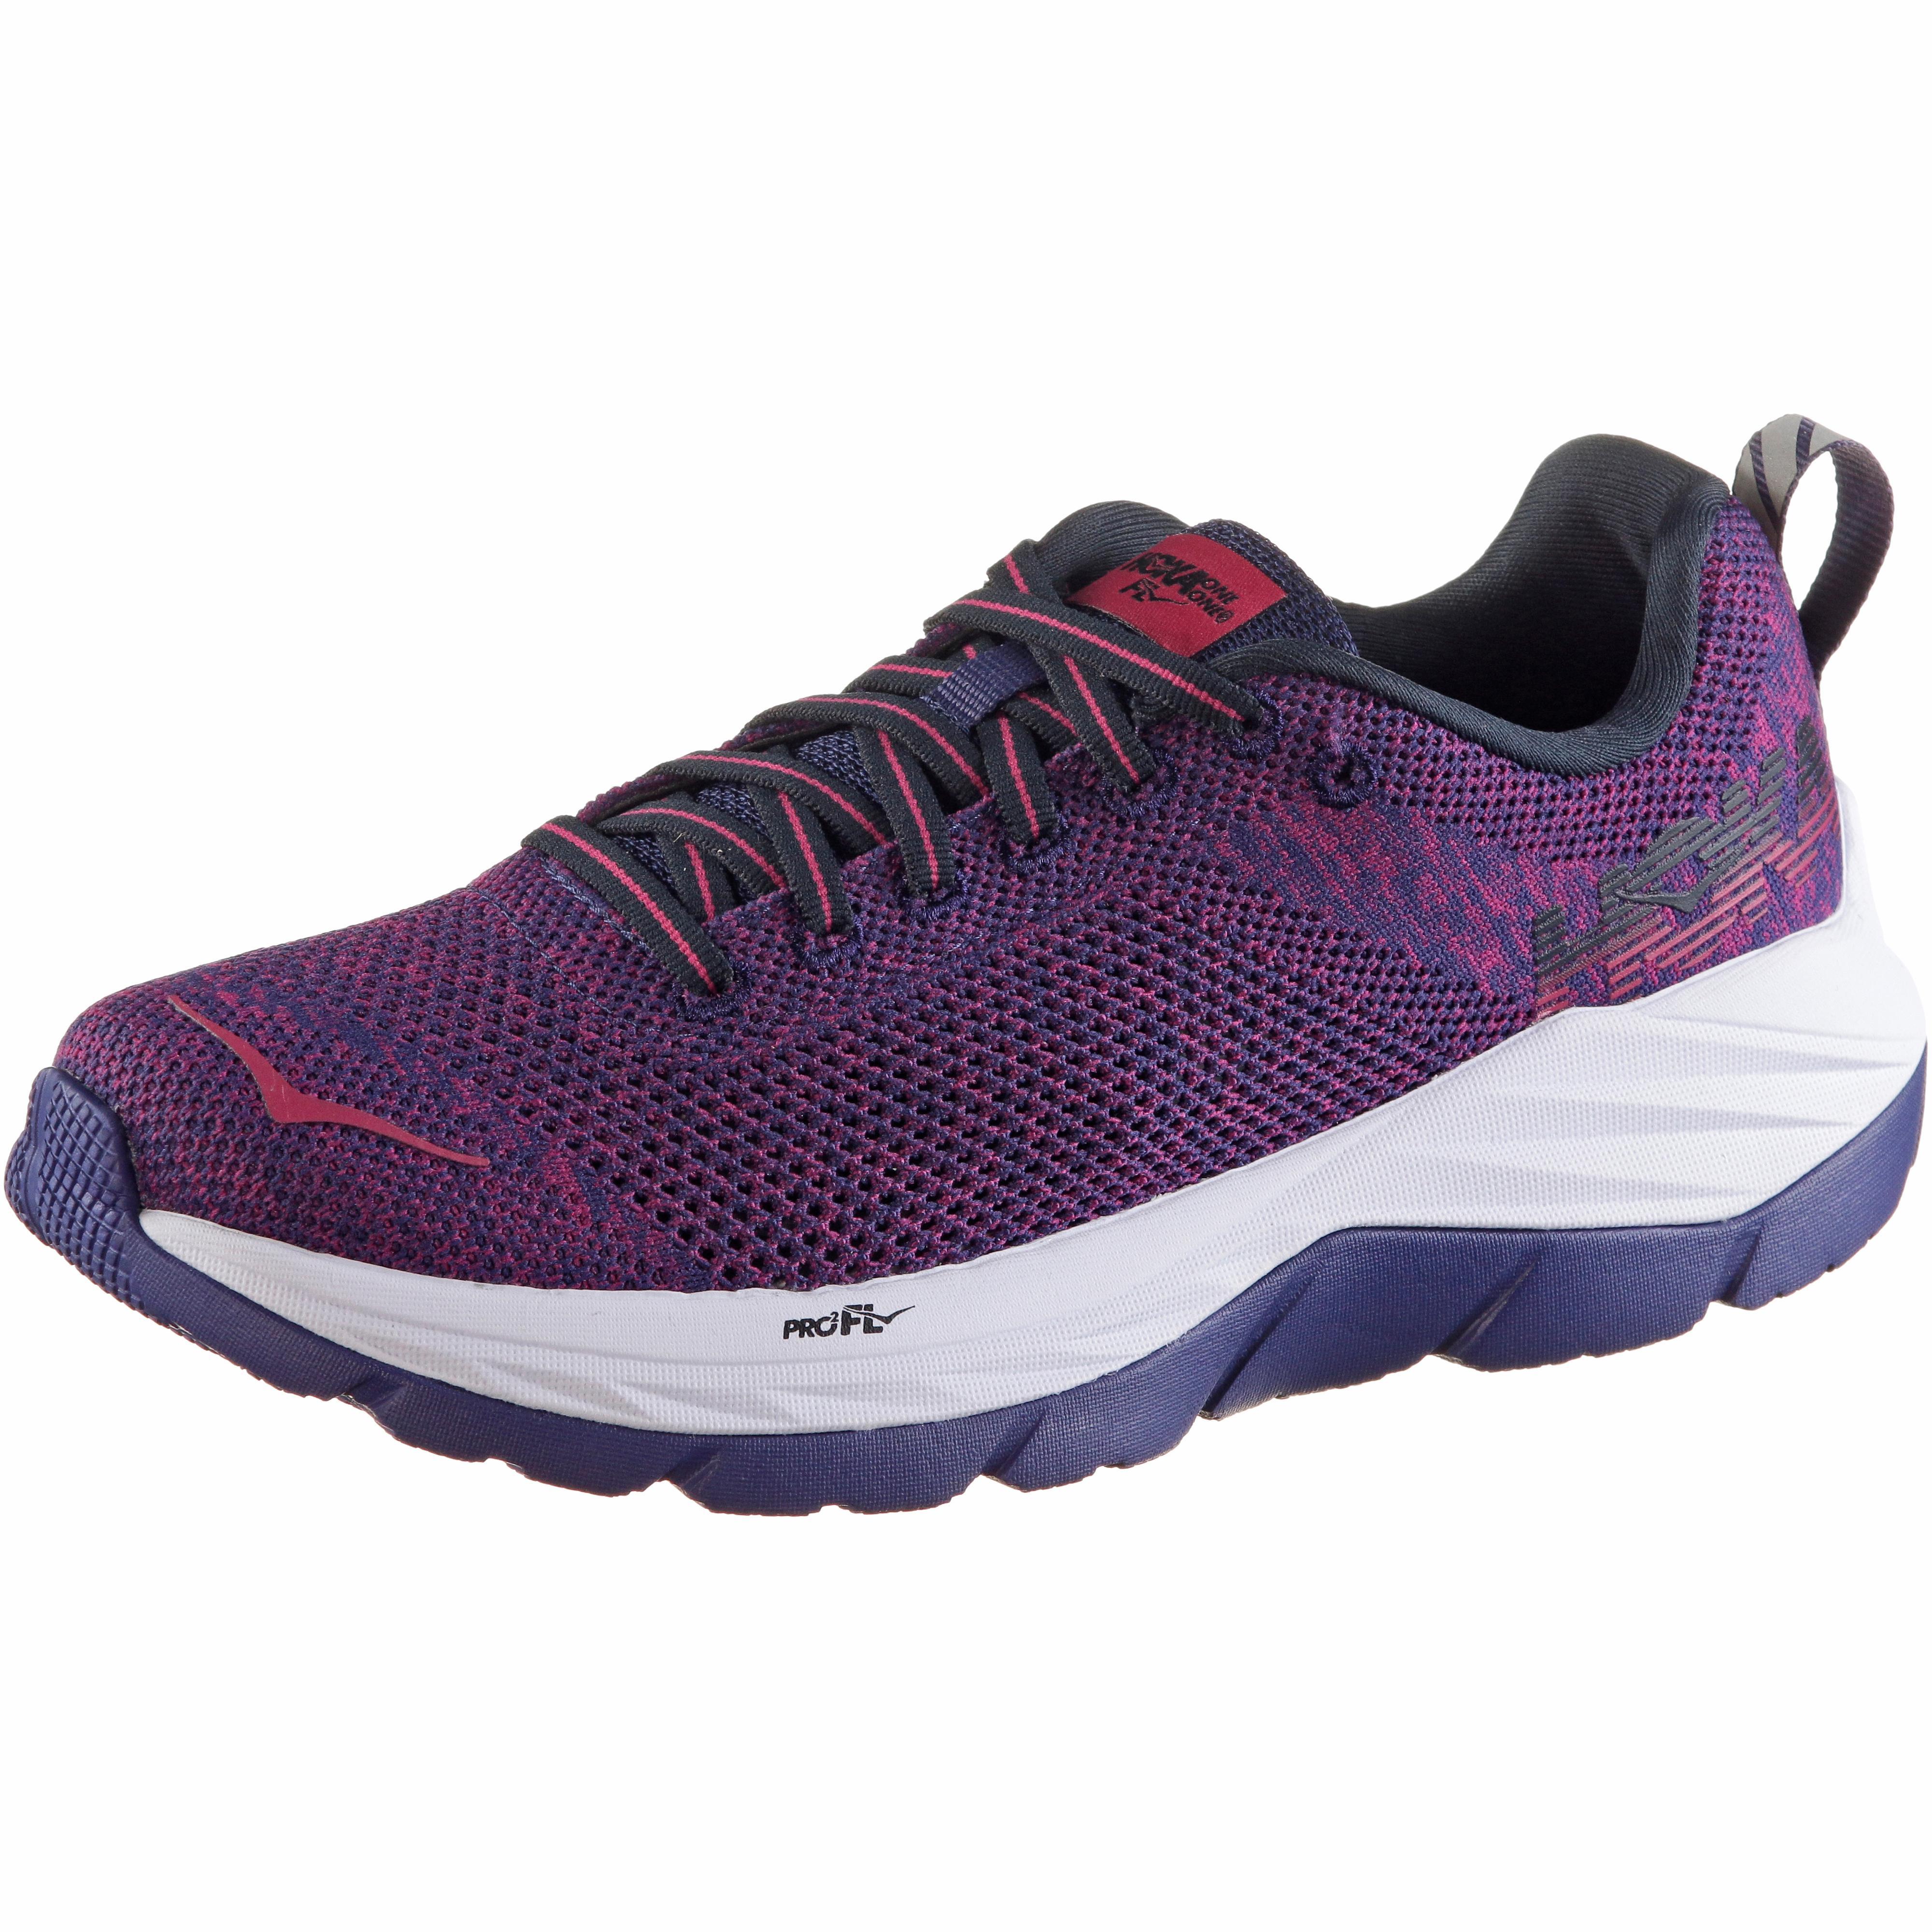 Hoka One One Mach Laufschuhe Laufschuhe Laufschuhe Damen Blau-ribbon-sky-Blau im Online Shop von SportScheck kaufen Gute Qualität beliebte Schuhe d05ed5